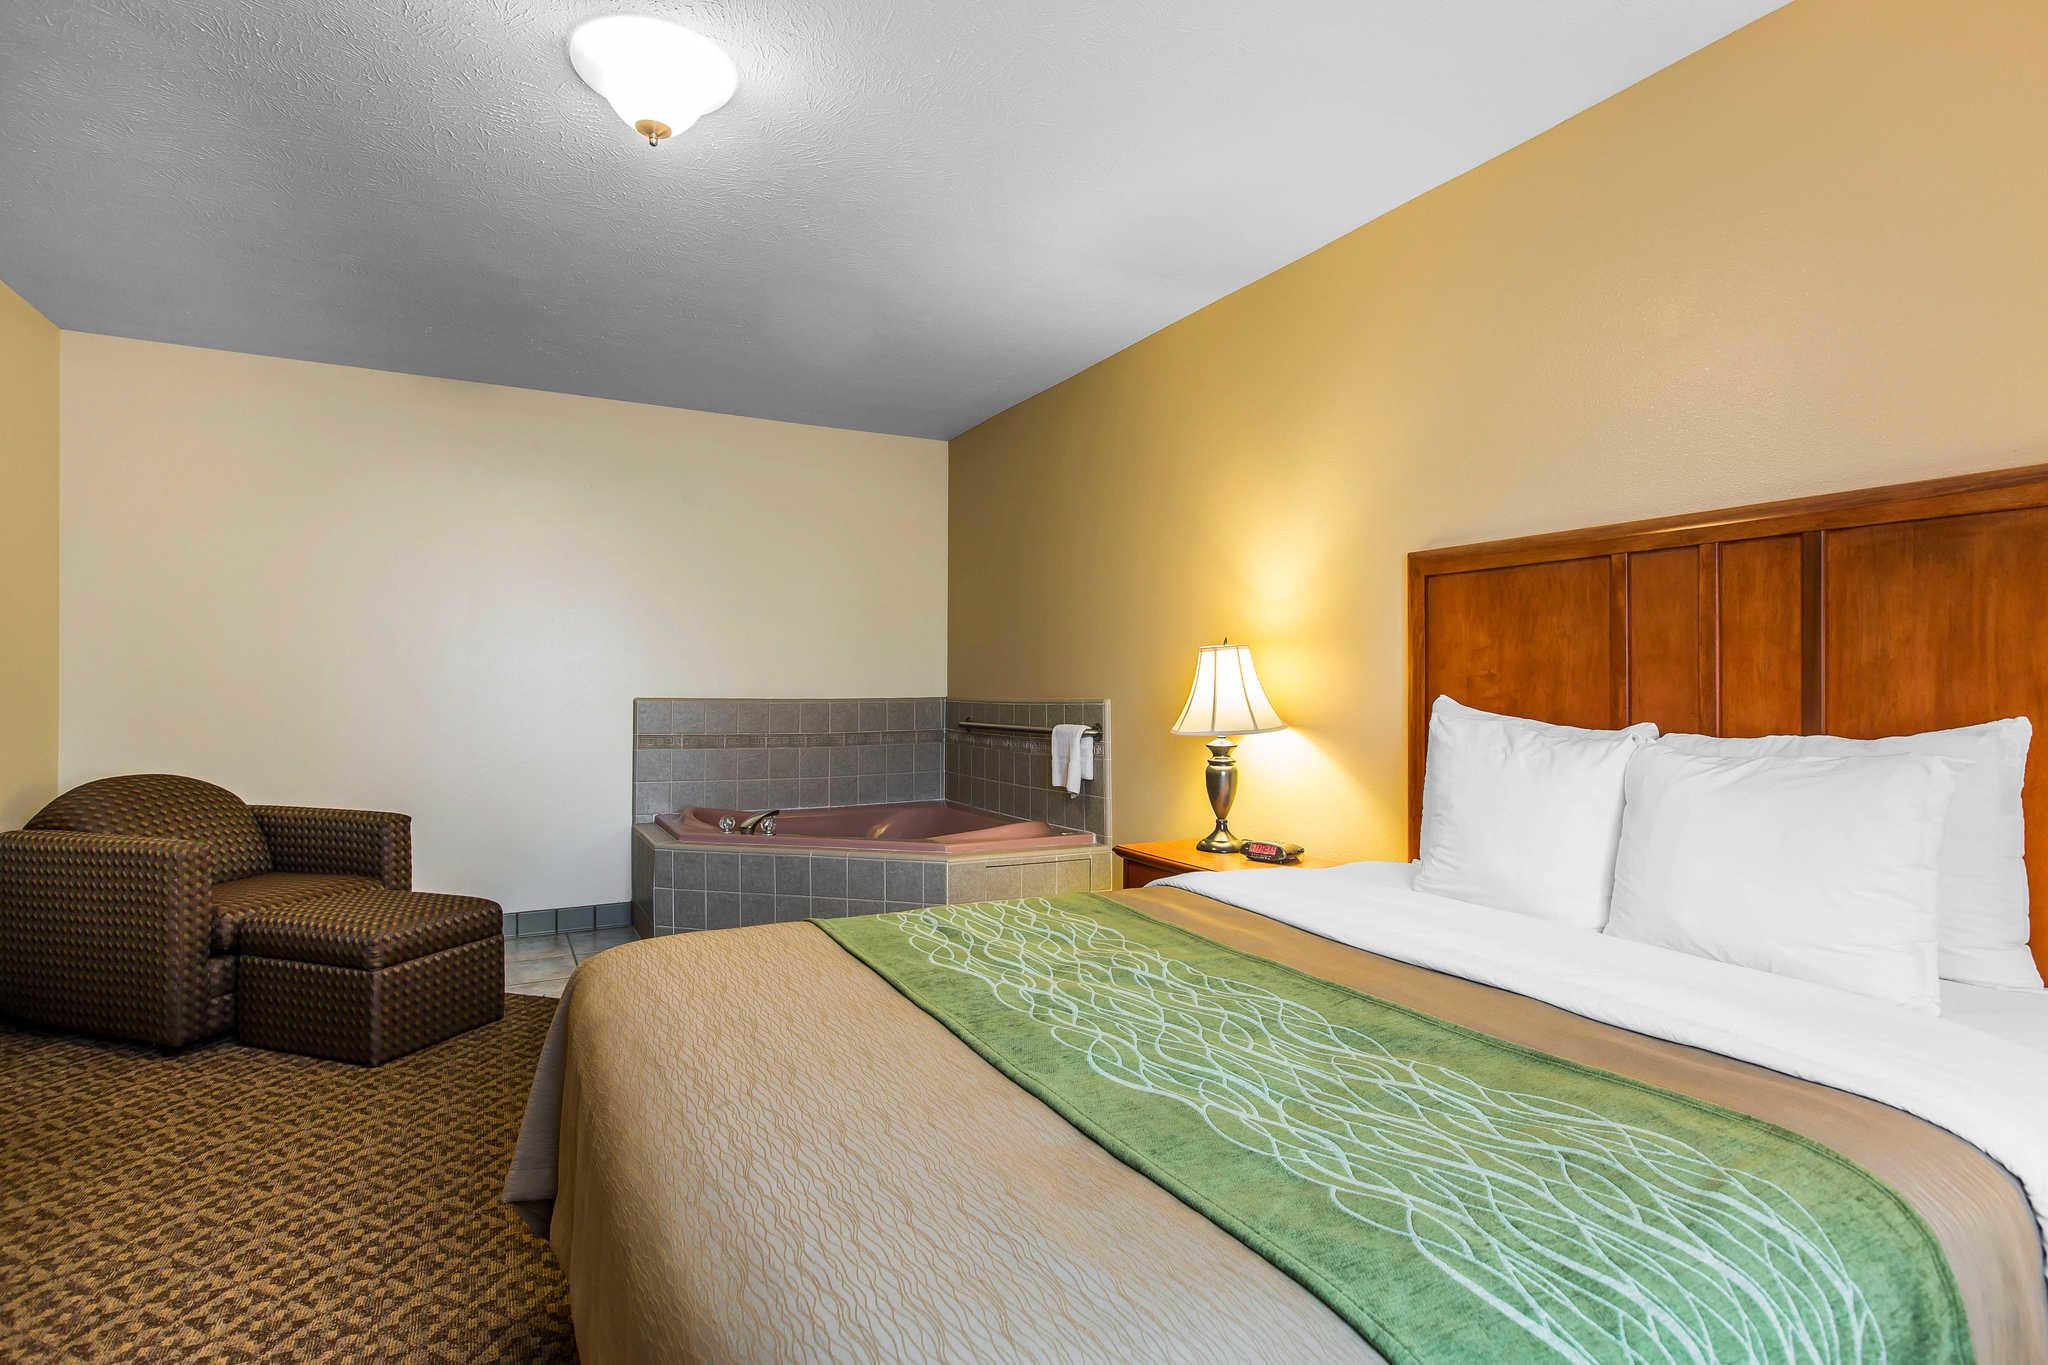 Comfort Inn & Suites El Centro I-8 image 15